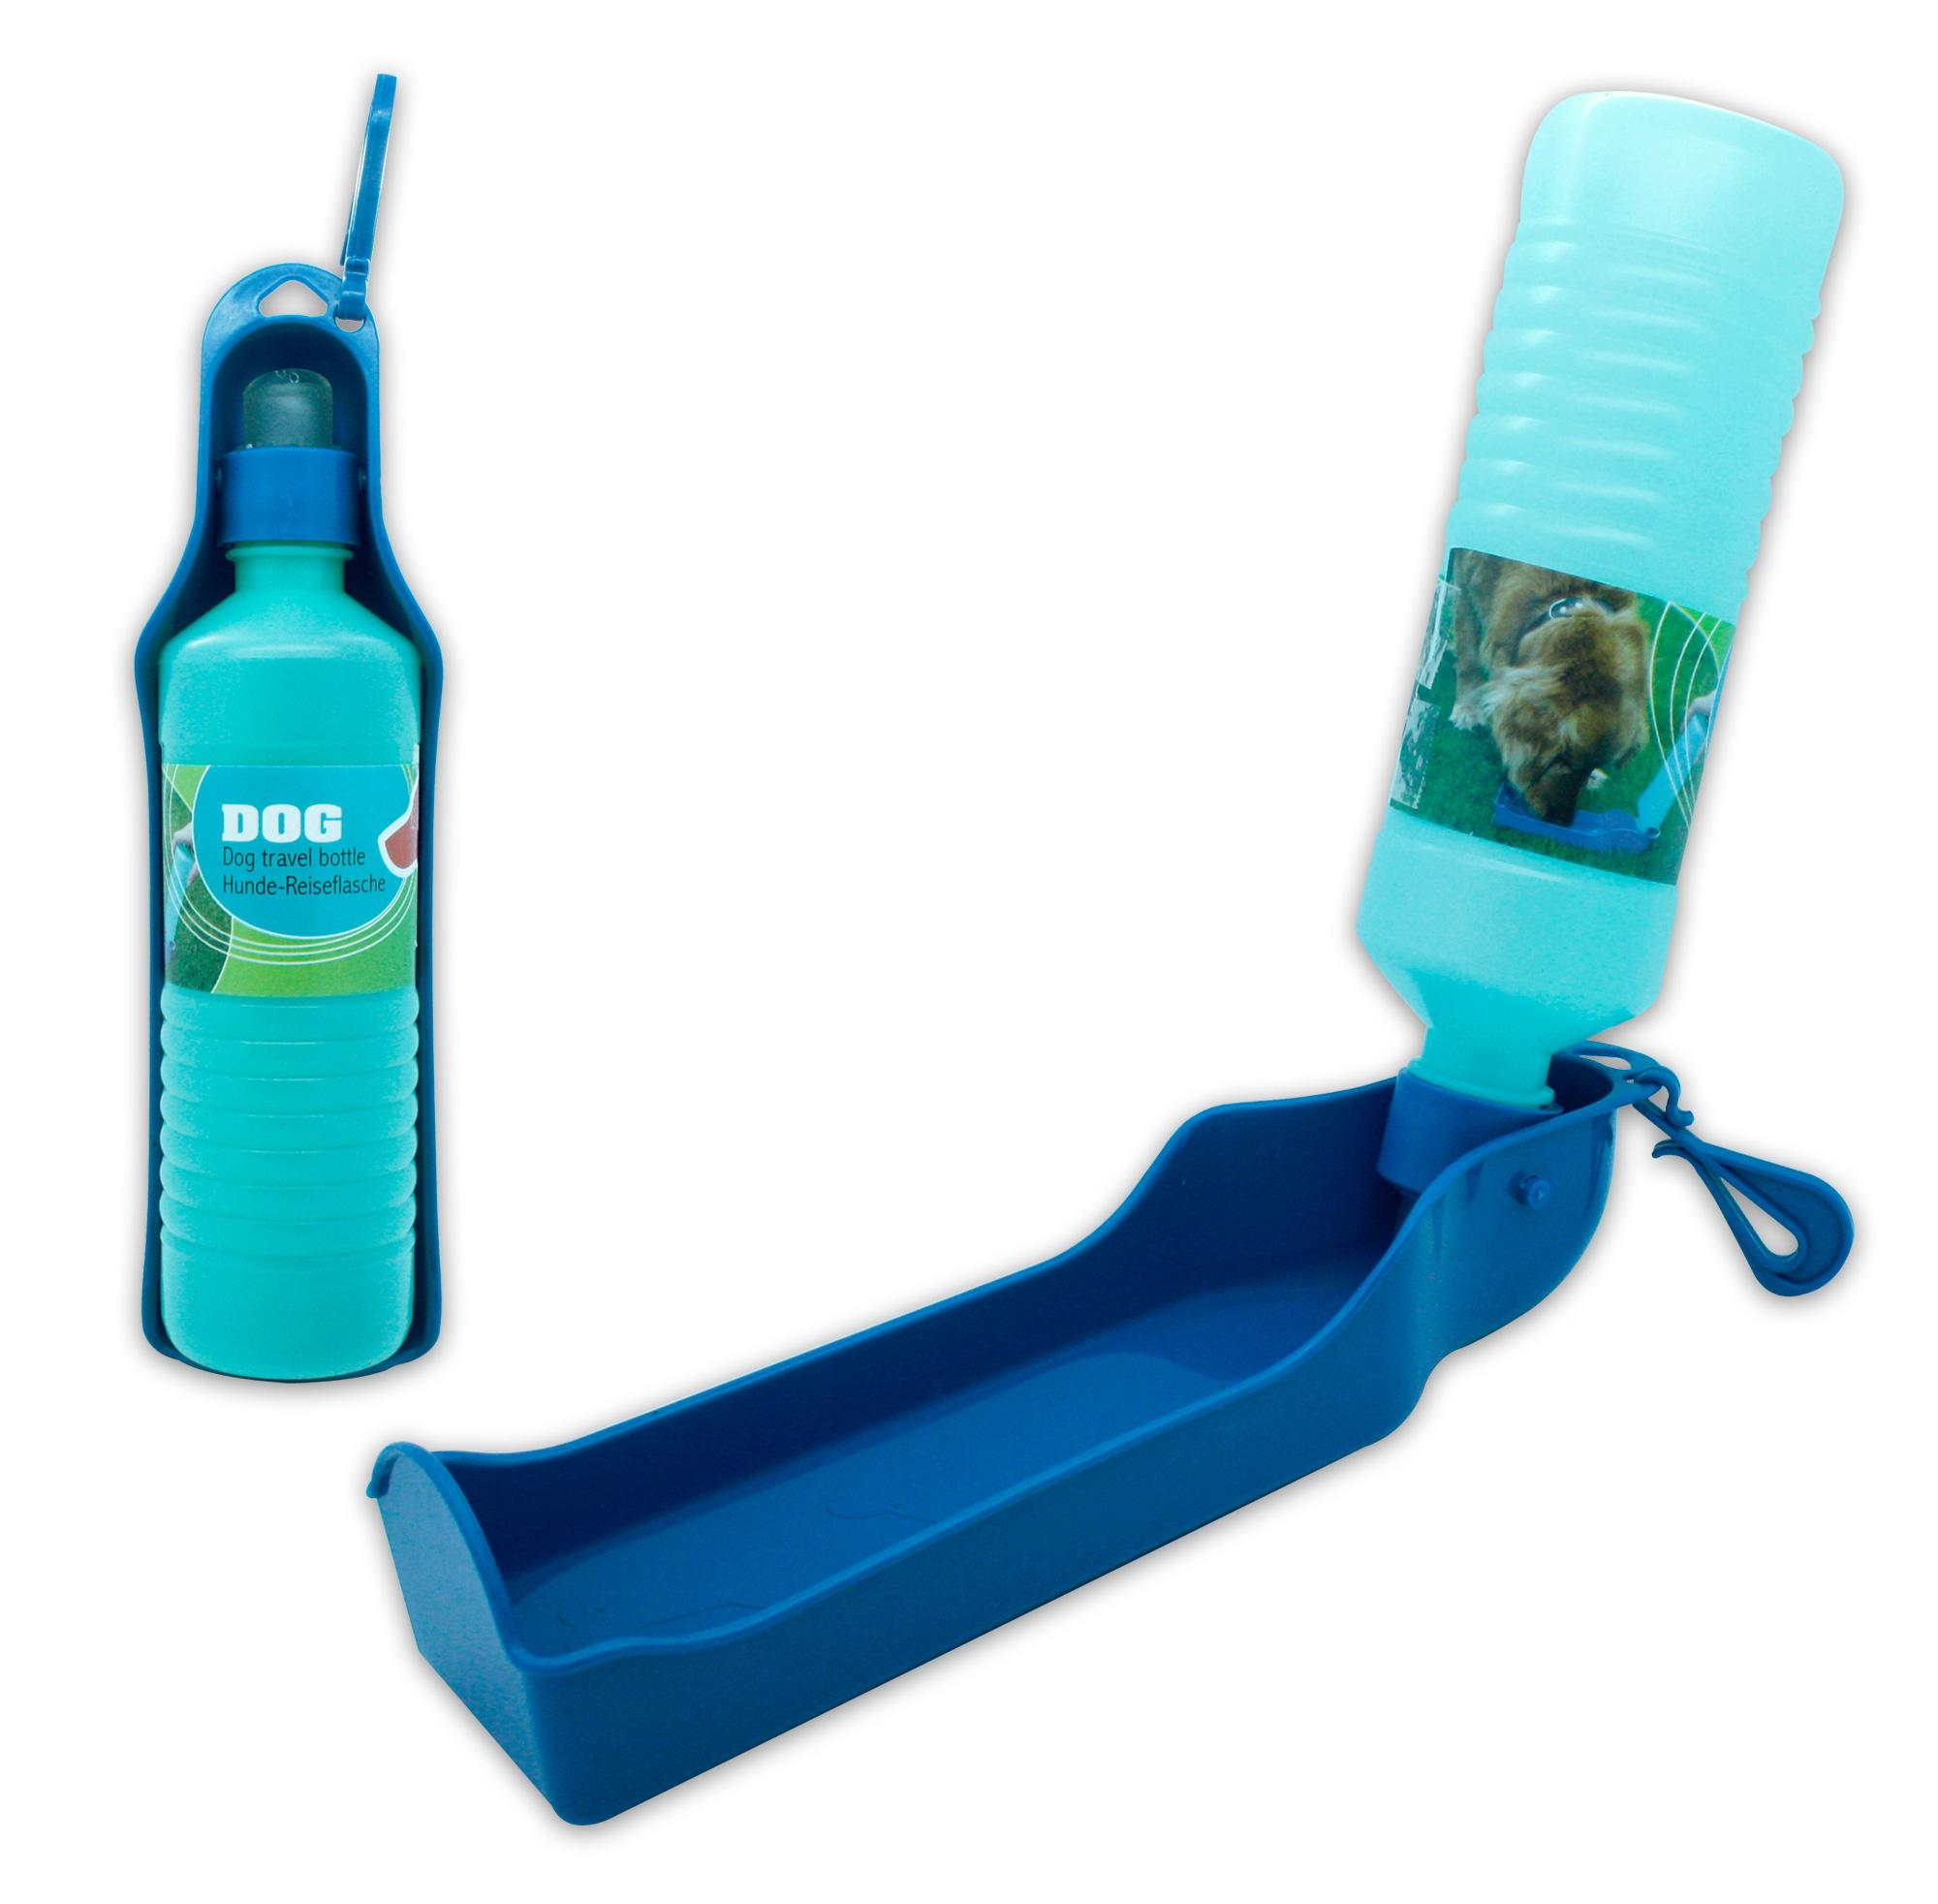 praktische hunde reise trinkflasche f r unterwegs mit karabiner 1er oder 3er set. Black Bedroom Furniture Sets. Home Design Ideas